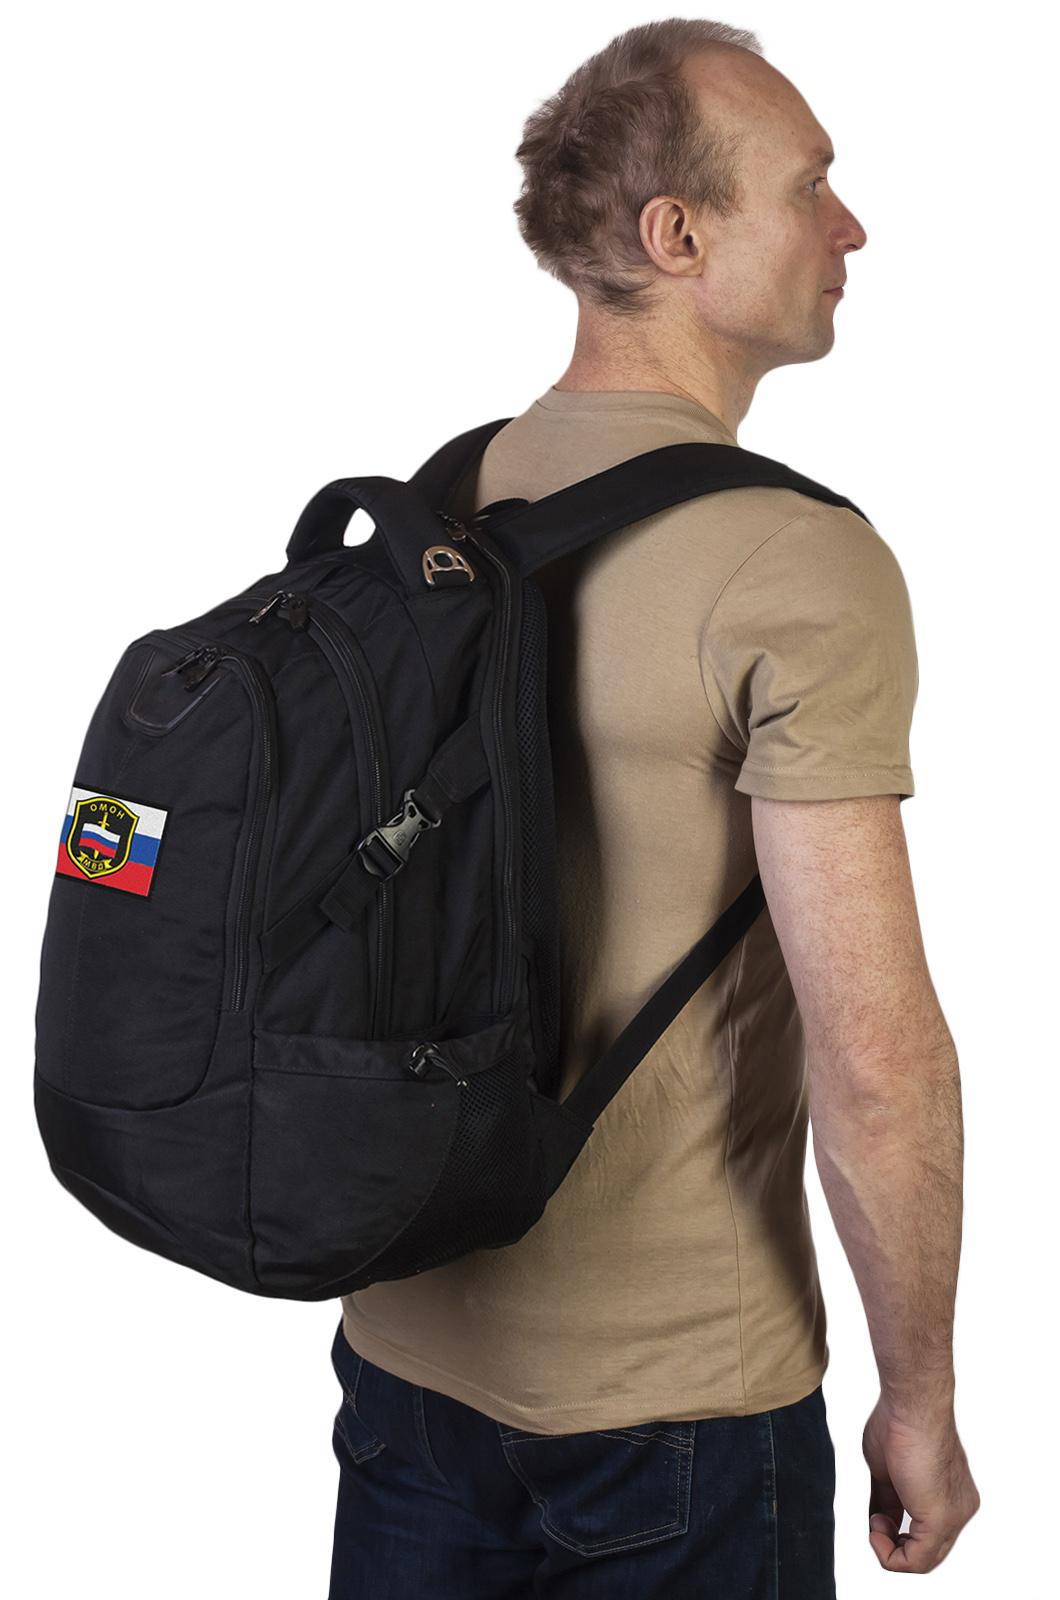 Удобный надежный рюкзак с нашивкой ОМОН - заказать по низкой цене